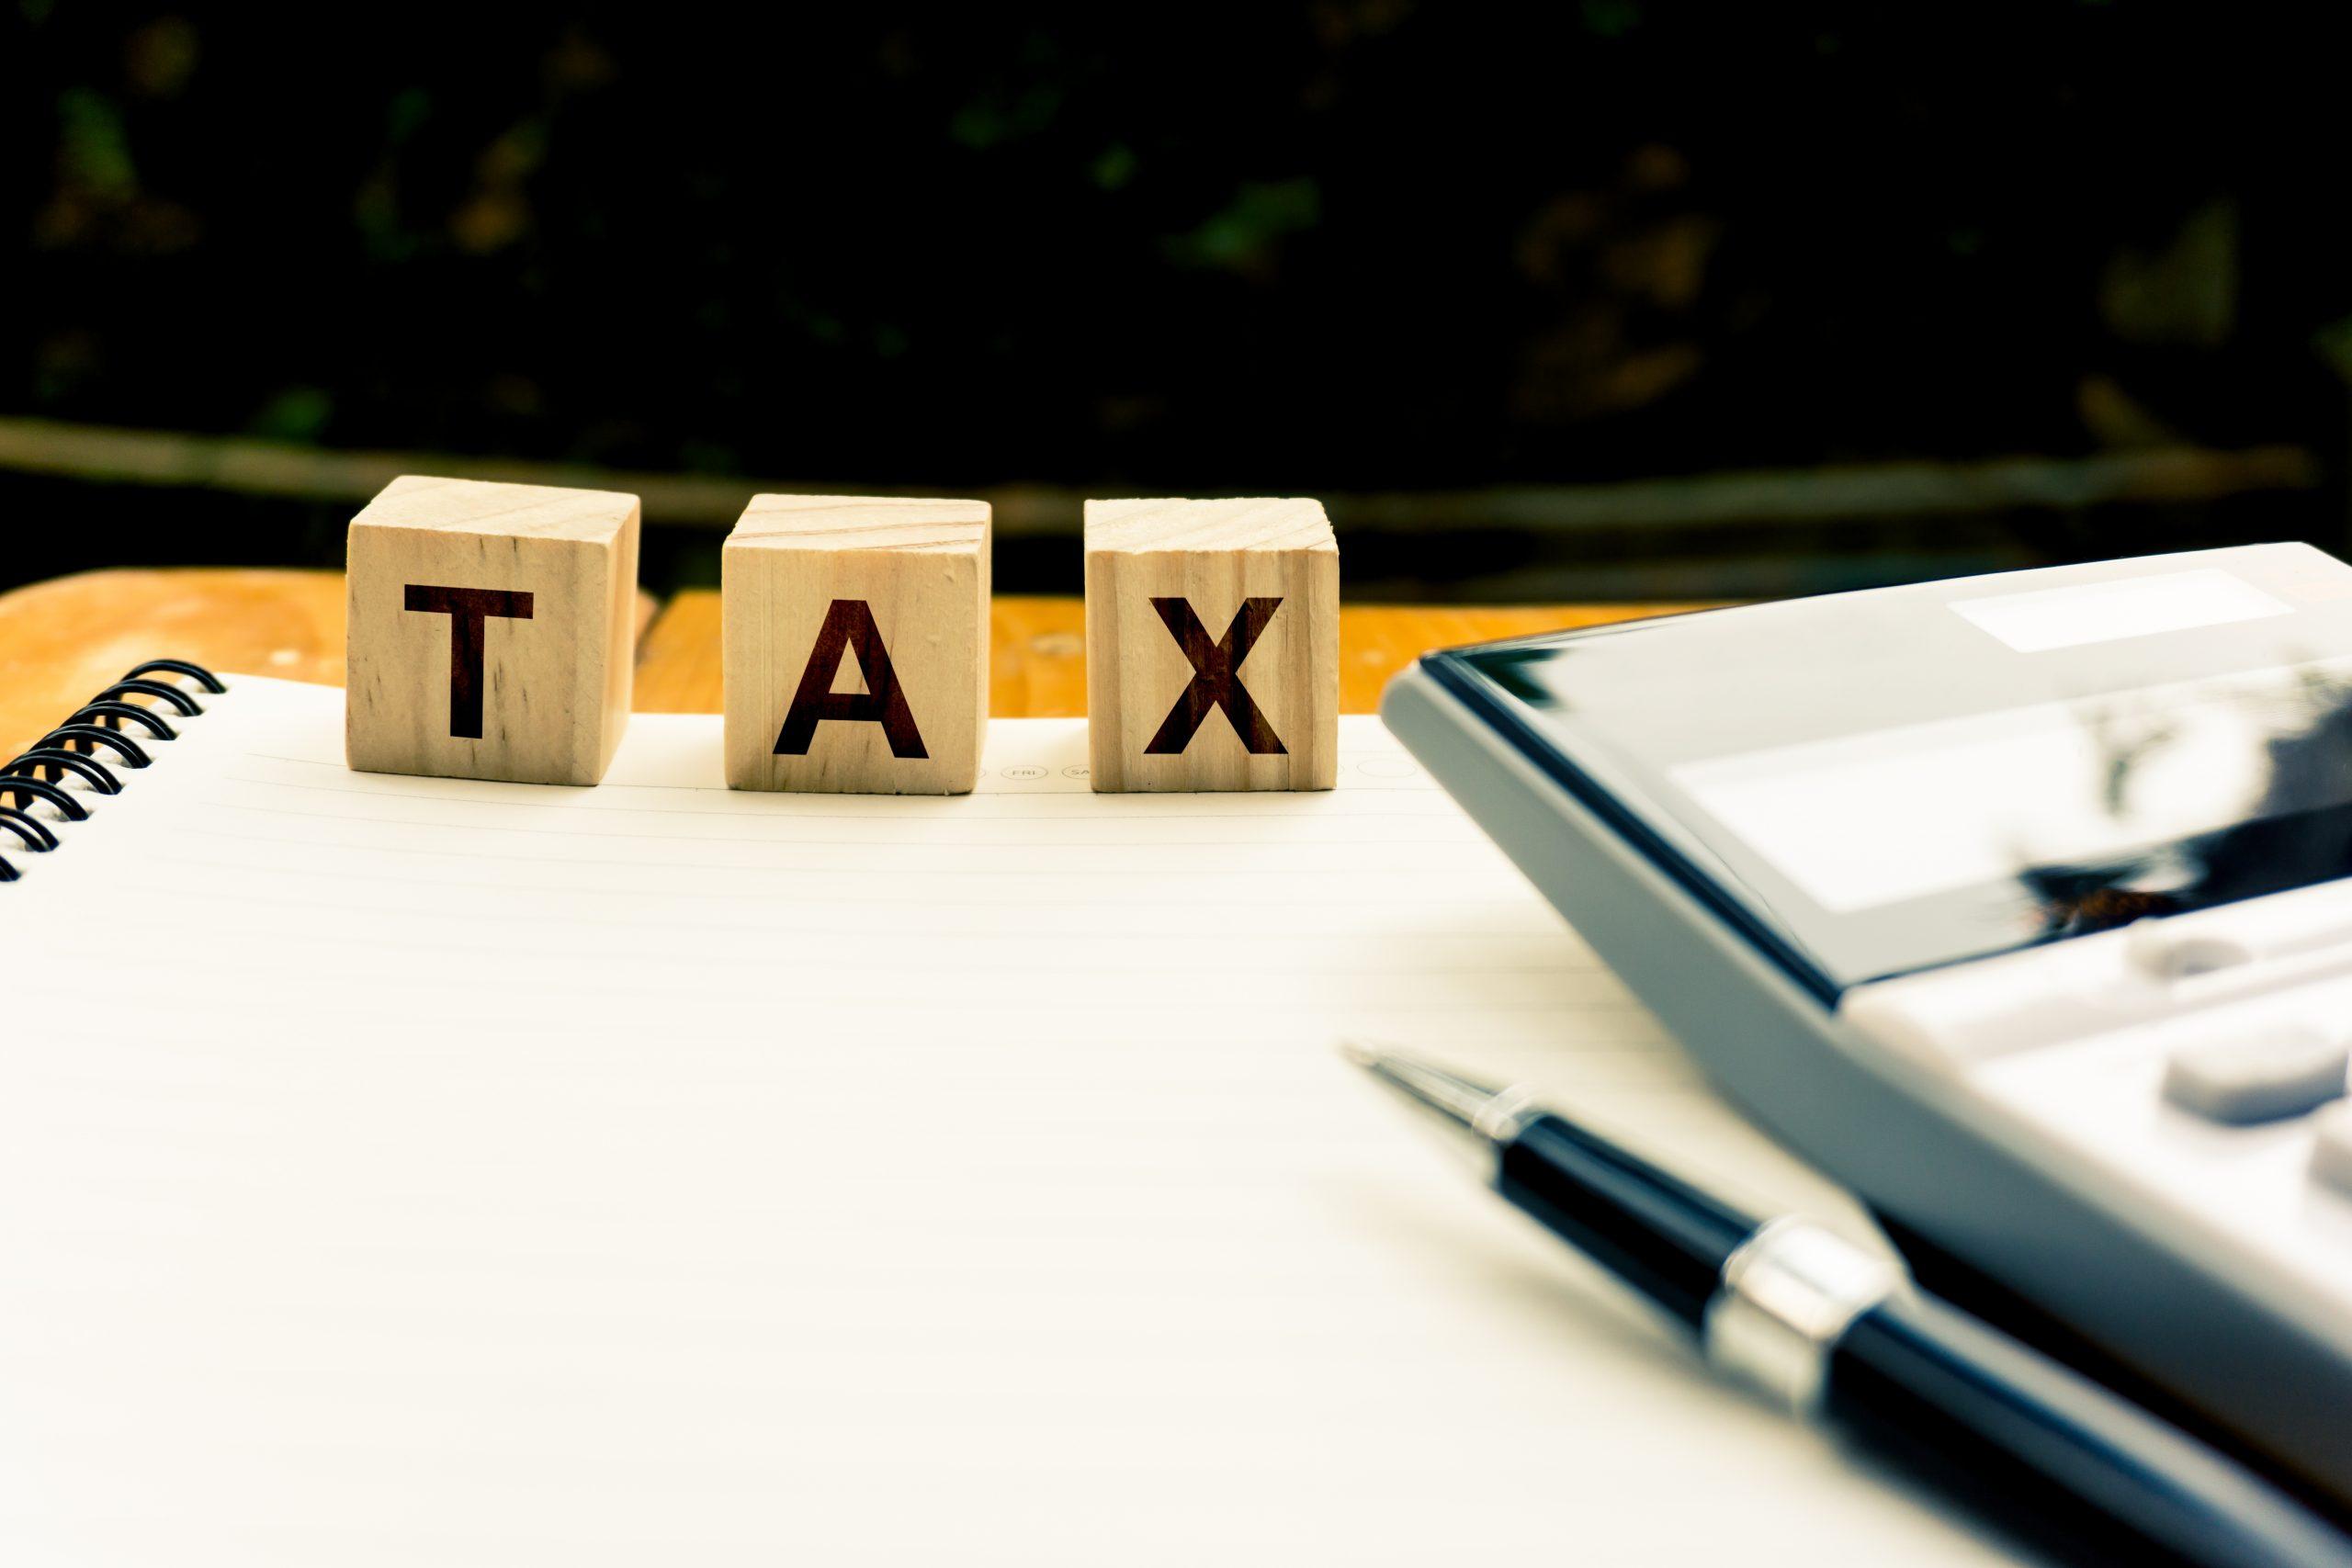 tax in wooden blocks